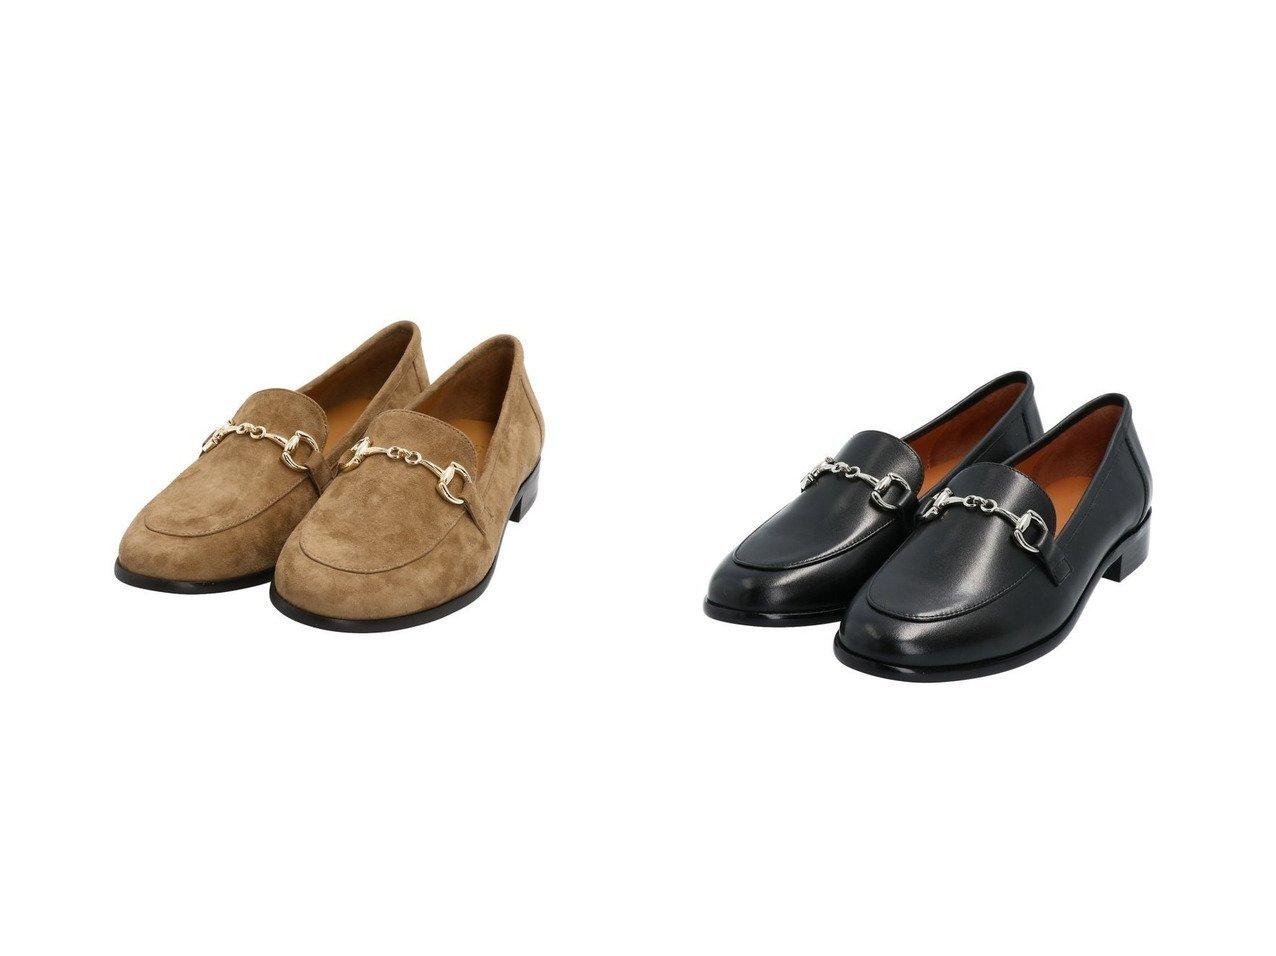 【SLOBE IENA/スローブ イエナ】のSLOBE IENA ビットローファー RE RE シューズ・靴のおすすめ!人気、トレンド・レディースファッションの通販  おすすめで人気の流行・トレンド、ファッションの通販商品 メンズファッション・キッズファッション・インテリア・家具・レディースファッション・服の通販 founy(ファニー) https://founy.com/ ファッション Fashion レディースファッション WOMEN NEW・新作・新着・新入荷 New Arrivals 2020年 2020 2020-2021 秋冬 A/W AW Autumn/Winter / FW Fall-Winter 2020-2021 A/W 秋冬 AW Autumn/Winter / FW Fall-Winter クッション シューズ シンプル スタンダード デニム トレンド フェミニン 楽ちん |ID:crp329100000009810